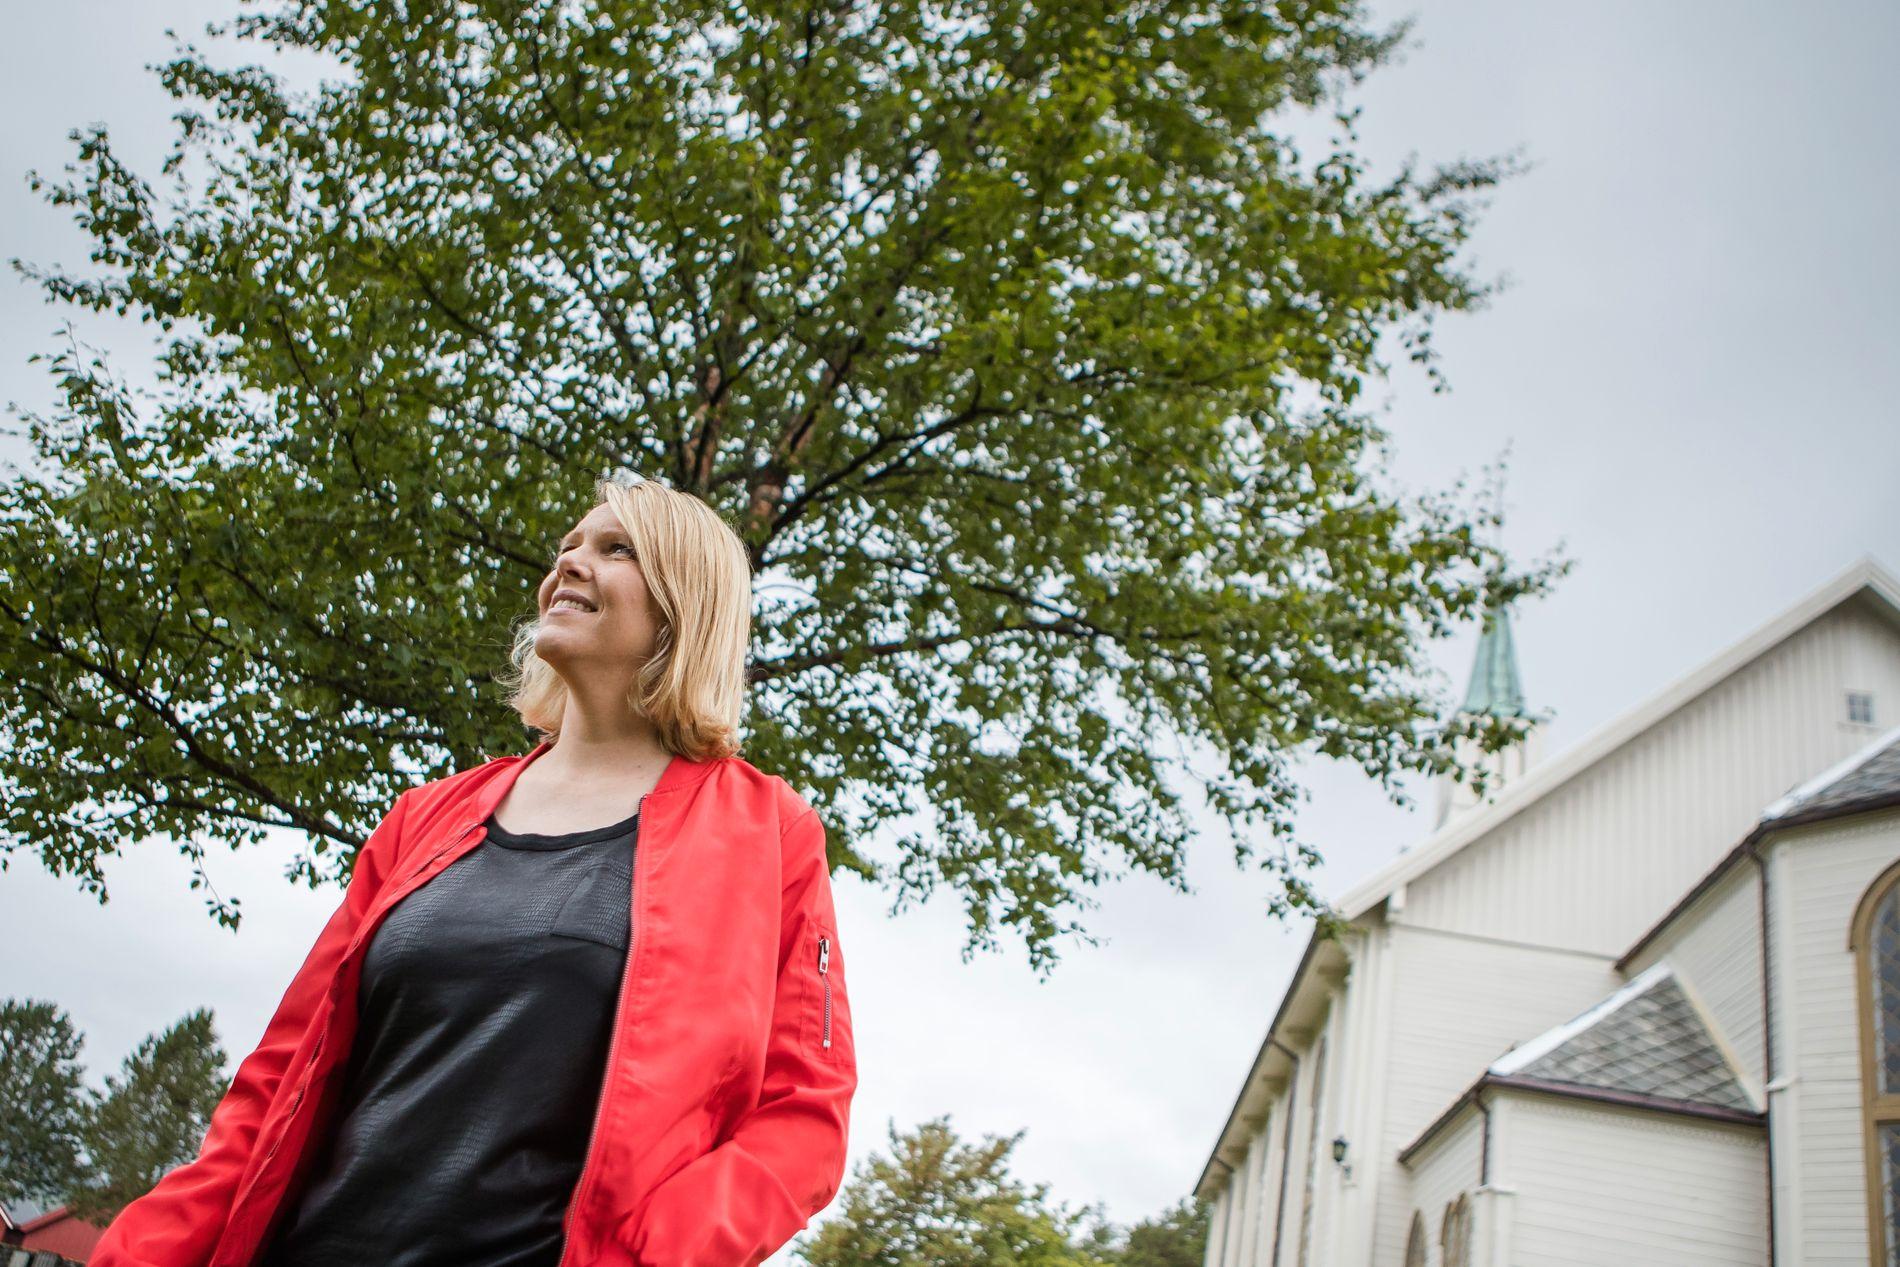 HJEMME I ØRSKOG. I denne kirken i på Sjøholt i Ørskog kommune brukte Sylvi Listhaug å gå med sin farmor som liten jente. «Det er her jeg er døpt og konfirmert, og de to første barna mine er døpt der. Så det er den kirken som betyr mest for meg, som er hjemme», sier Listhaug.